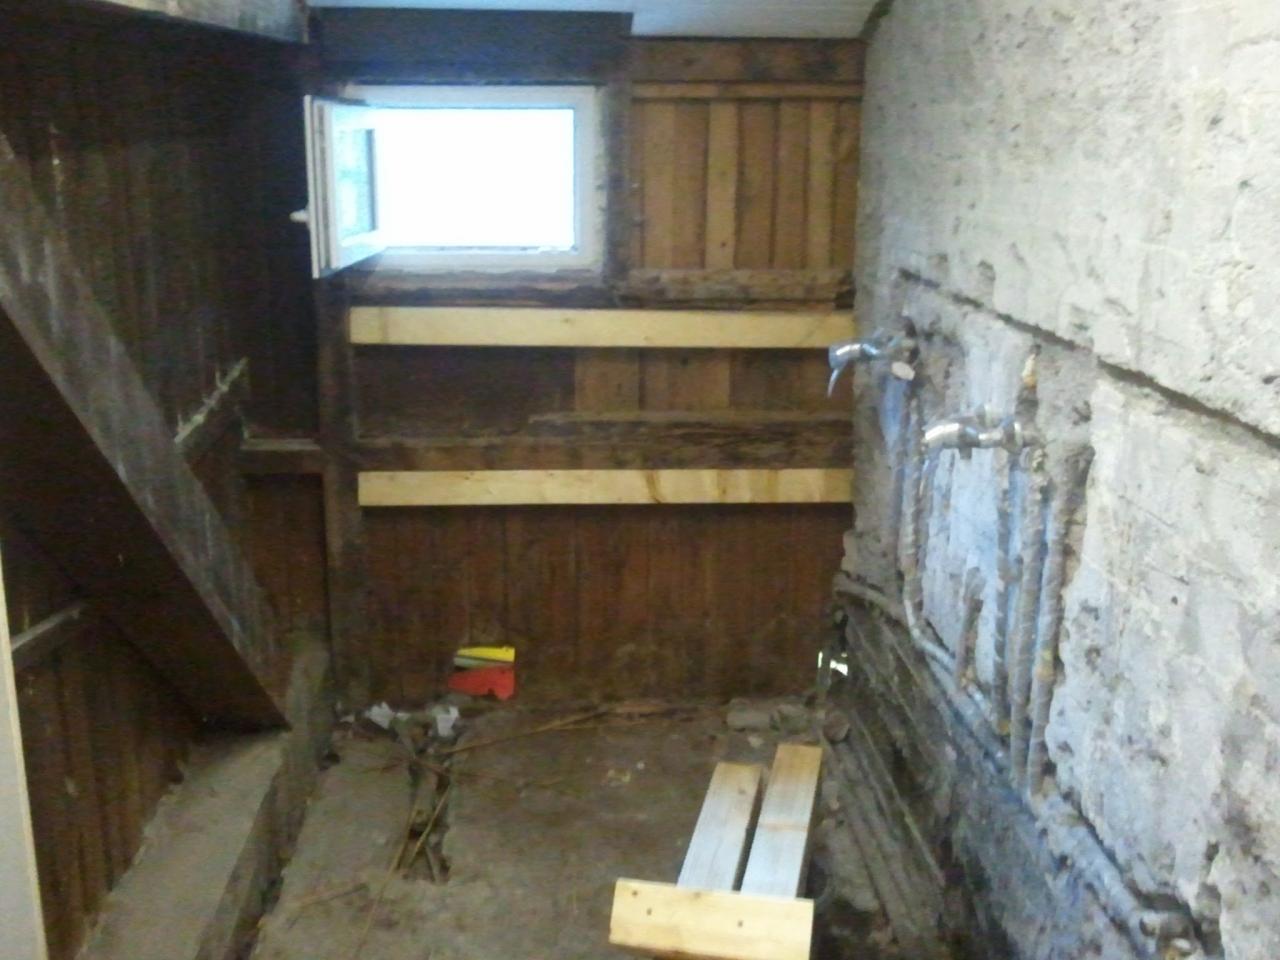 Renovierung eines Duschraums in einem Holz Fachwerkhaus ...